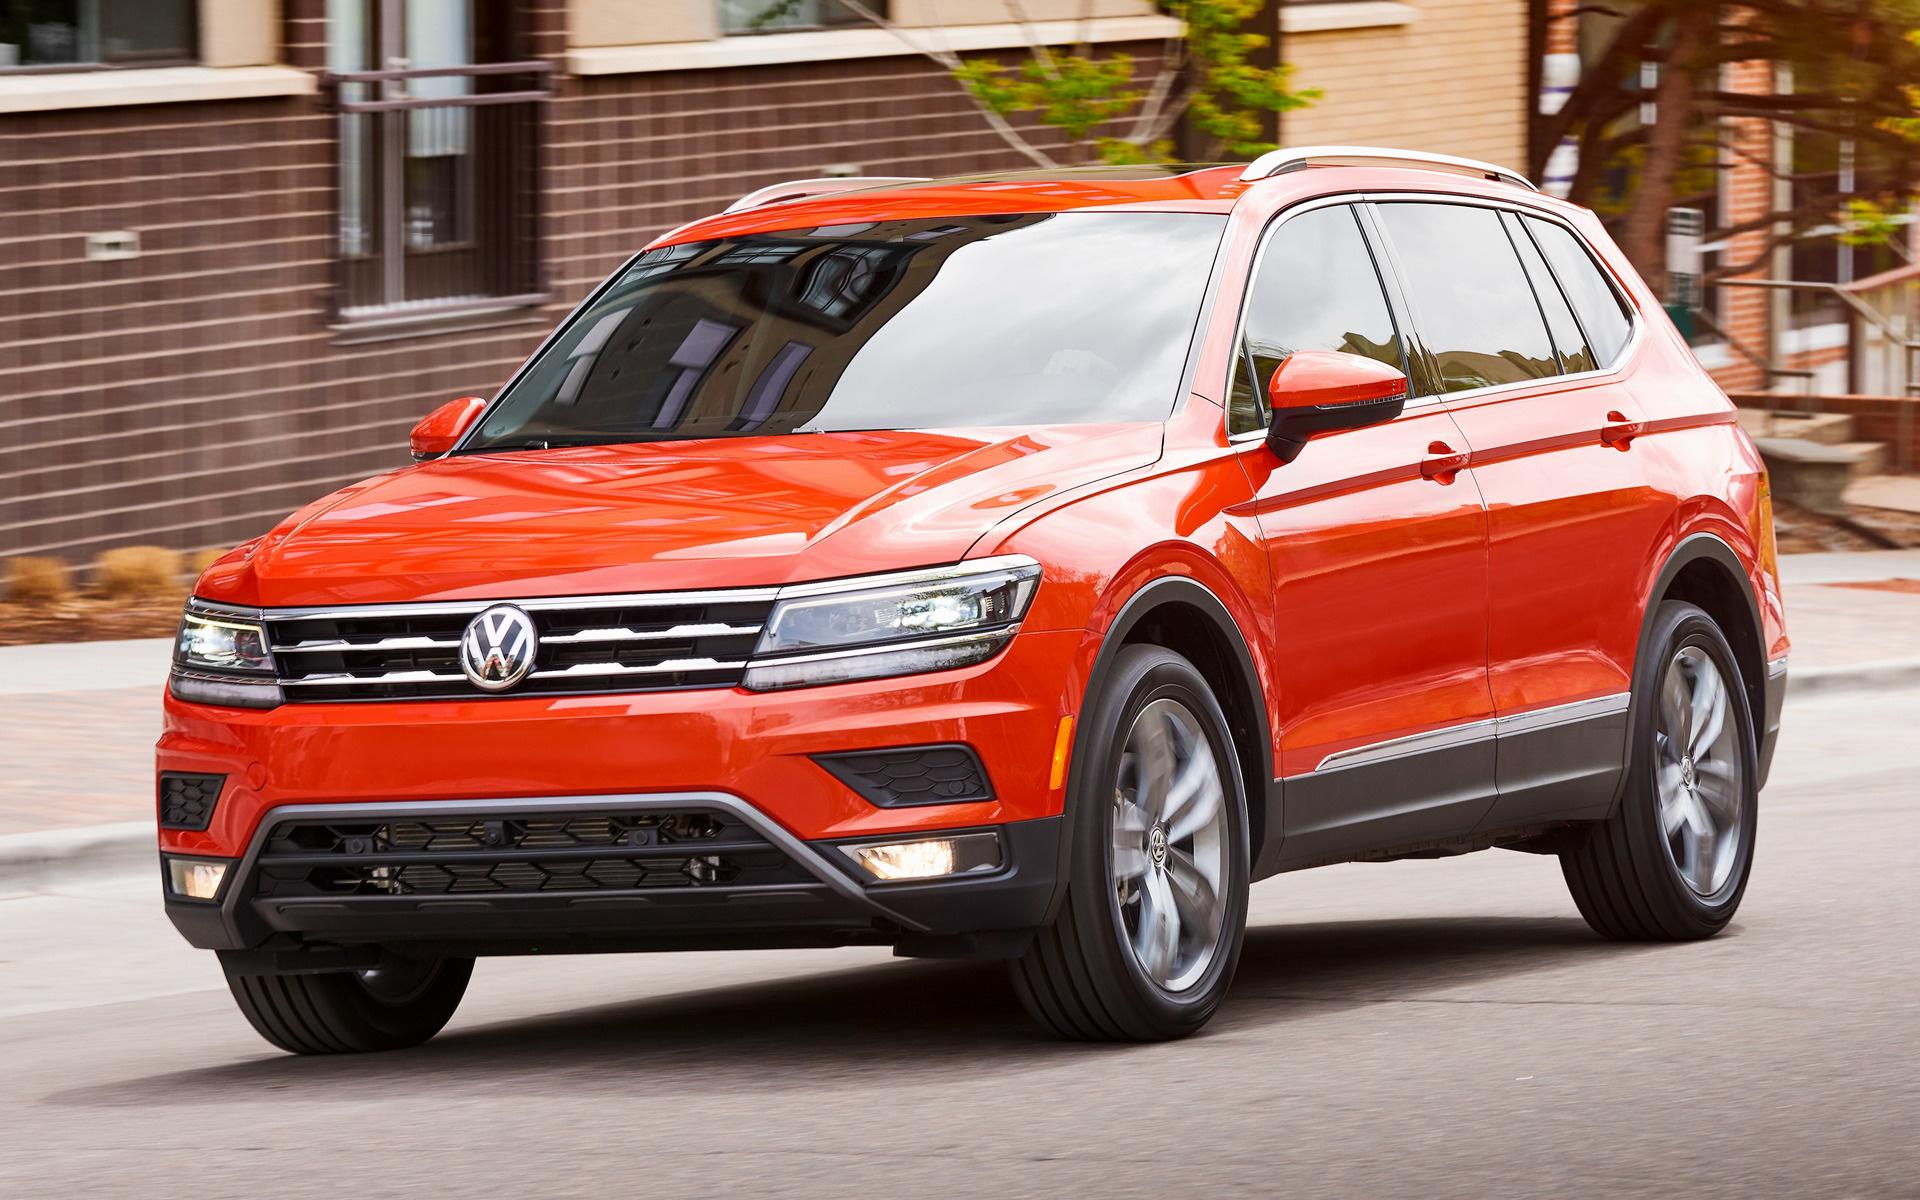 Ws 8 5 Volkswagen Tiguan Lwb 2018